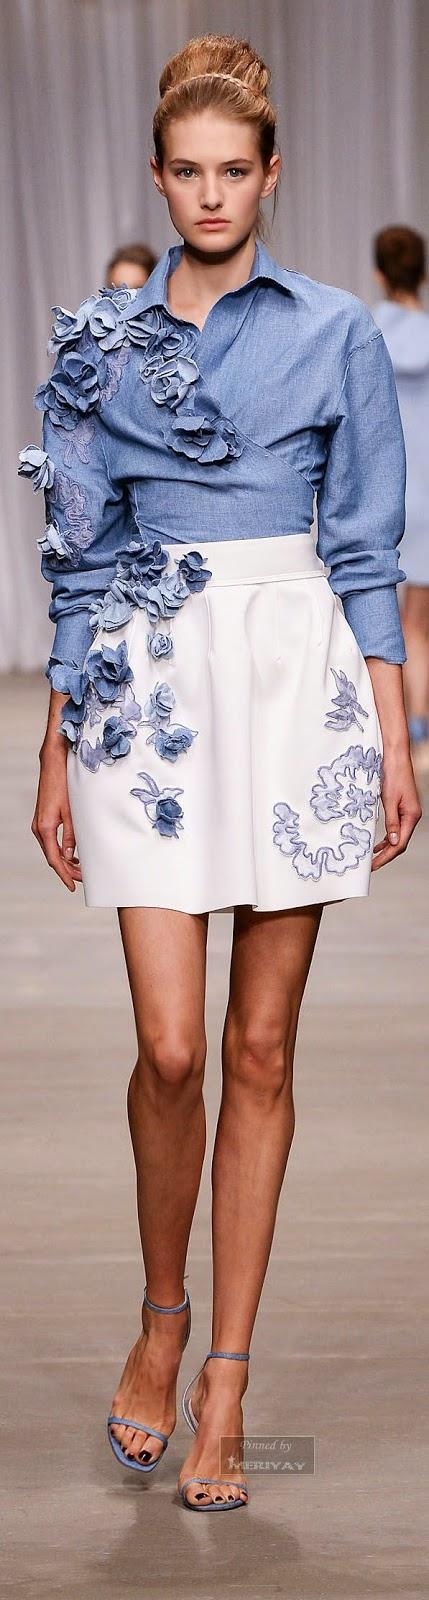 Look Denim 2015 - Blusa de ganga com aplicações flores